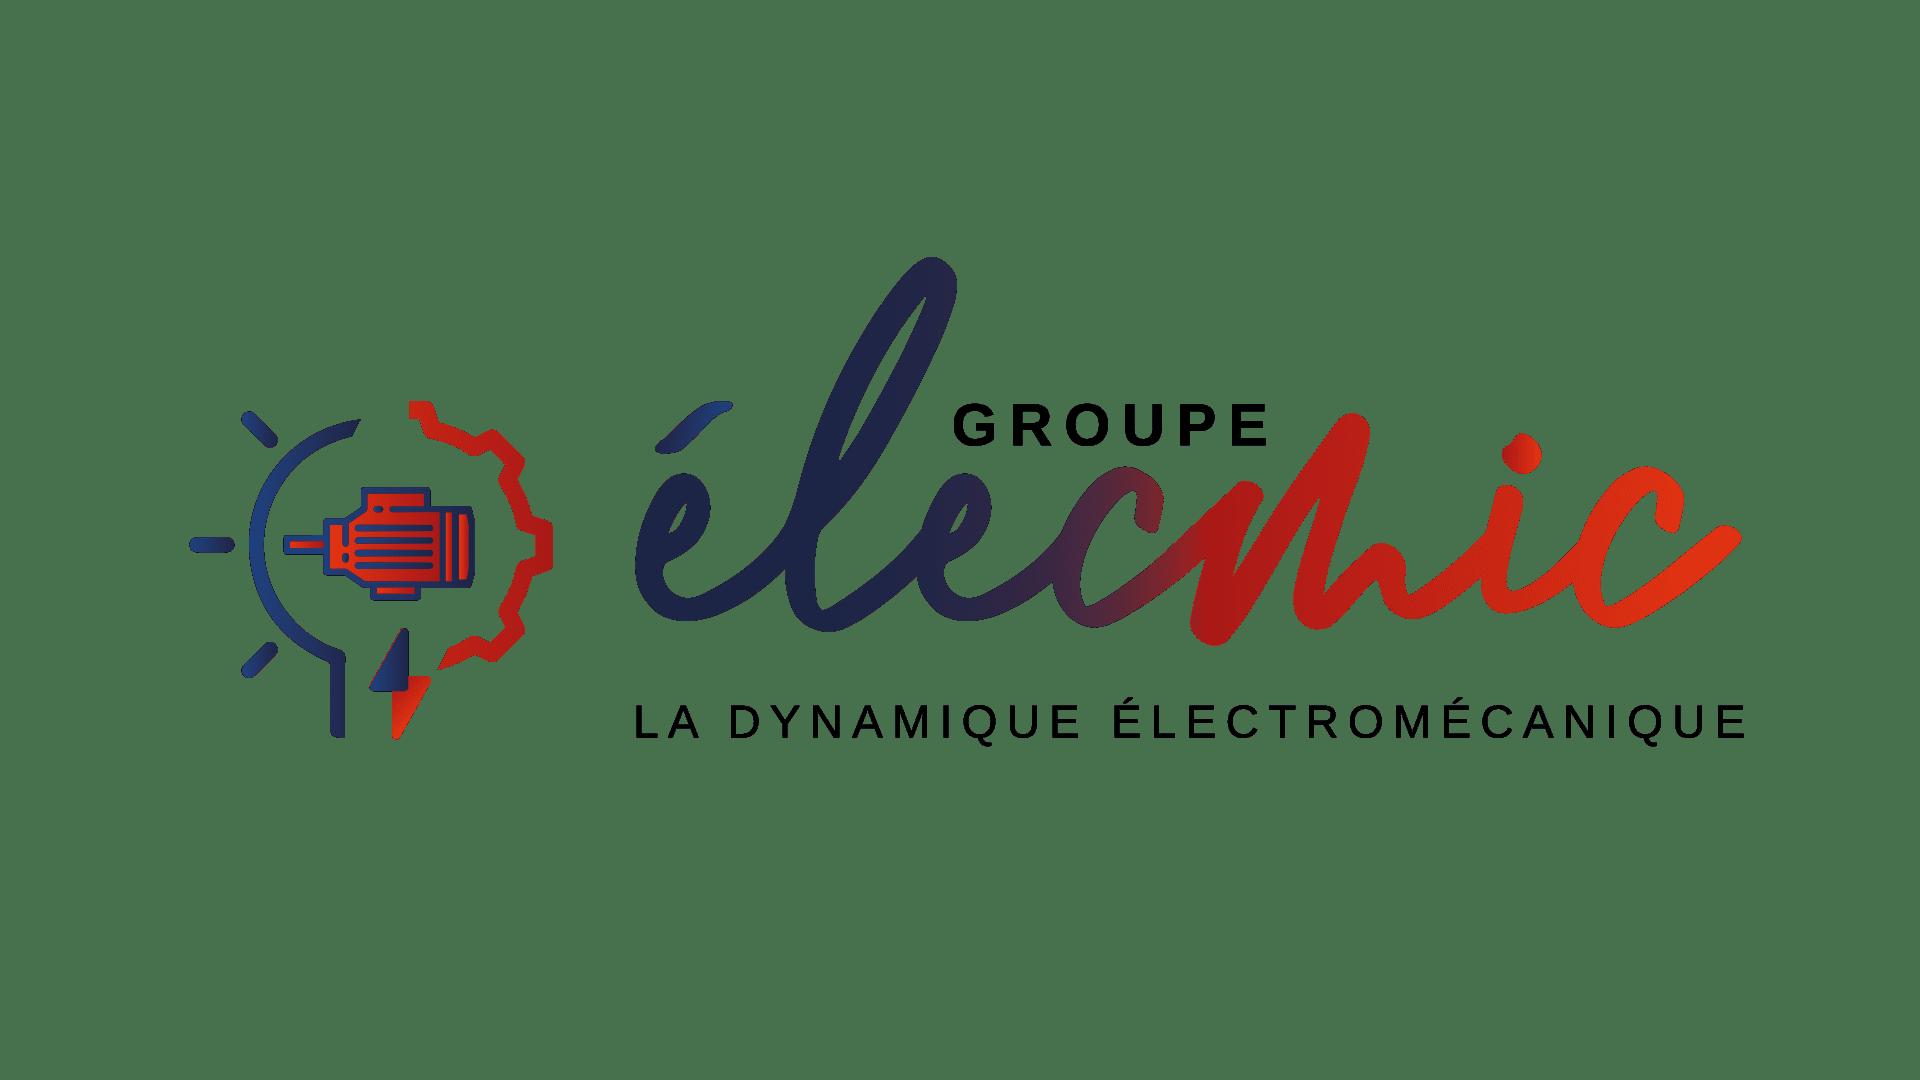 1631775833-elecma-groupe-elecmic.png